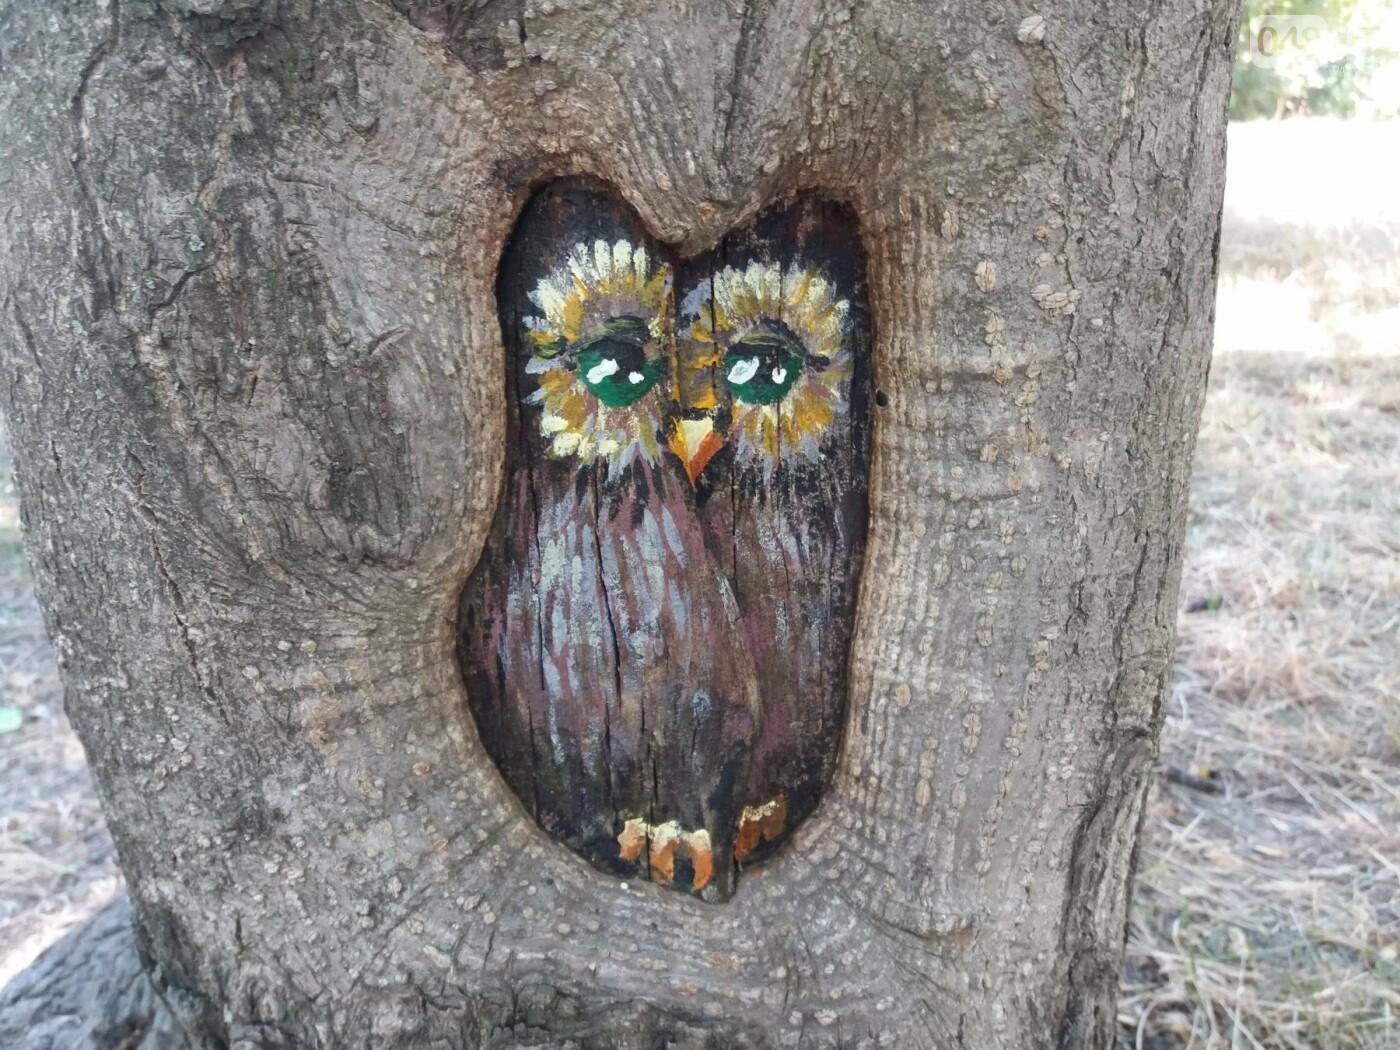 В Одесском парке появились необычные рисунки на деревьях, - ФОТО, фото-6